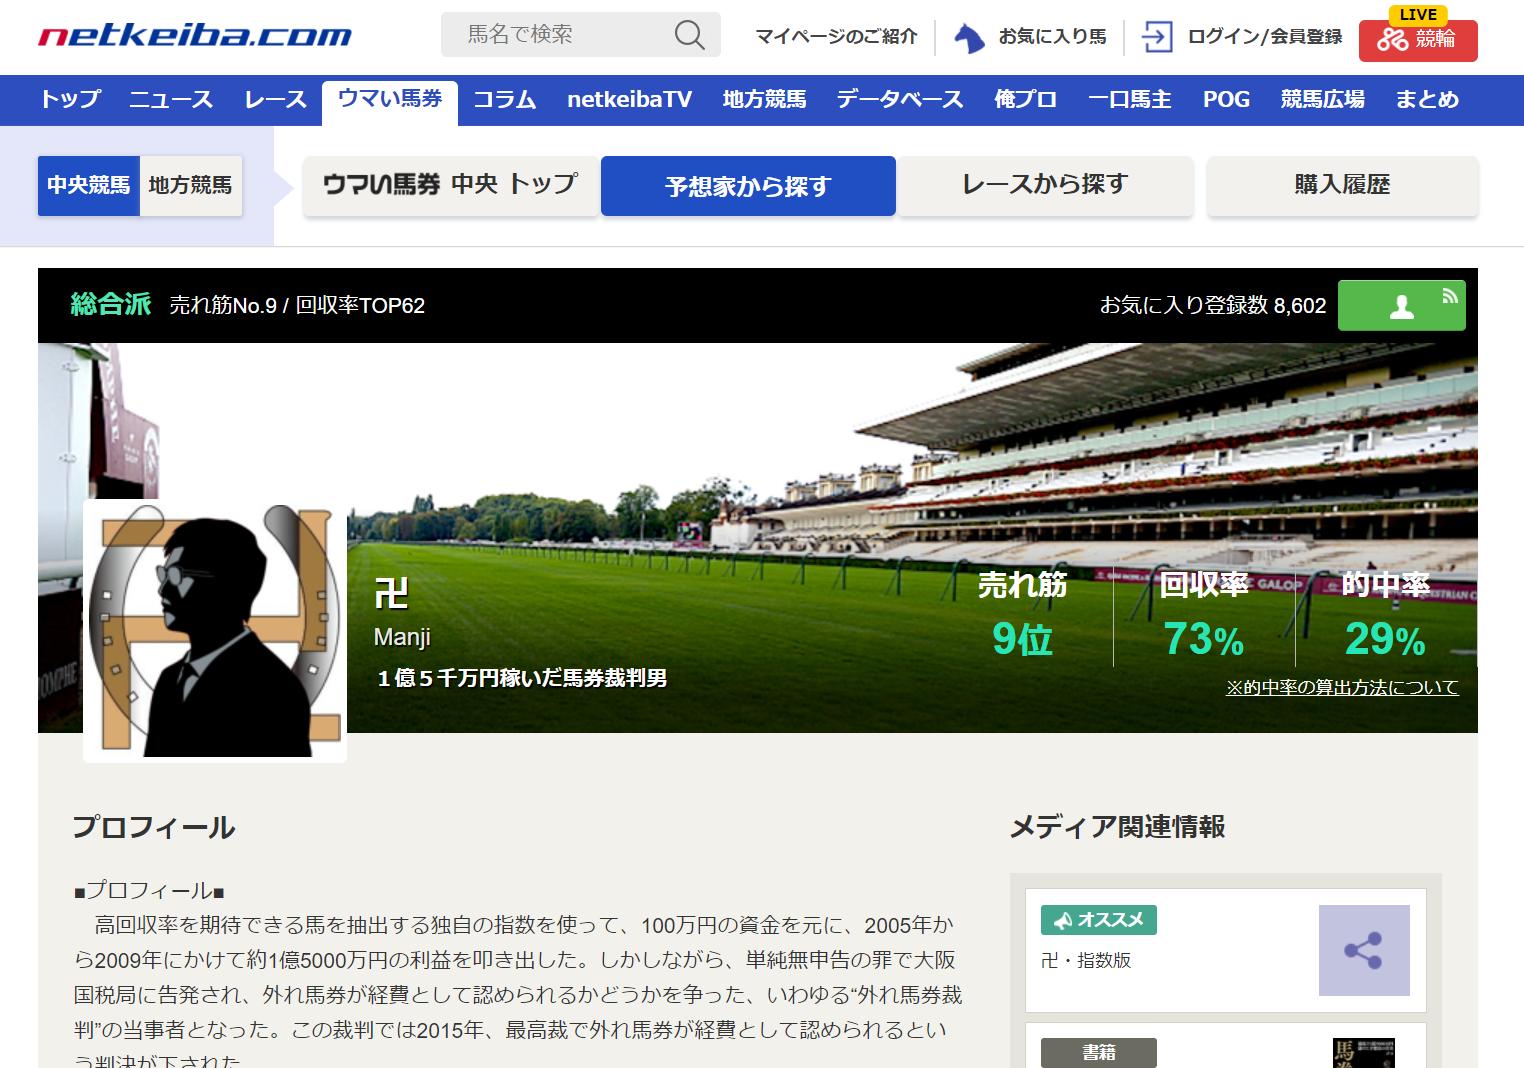 卍 Manji(netkeiba.com)の口コミ・評判・評価